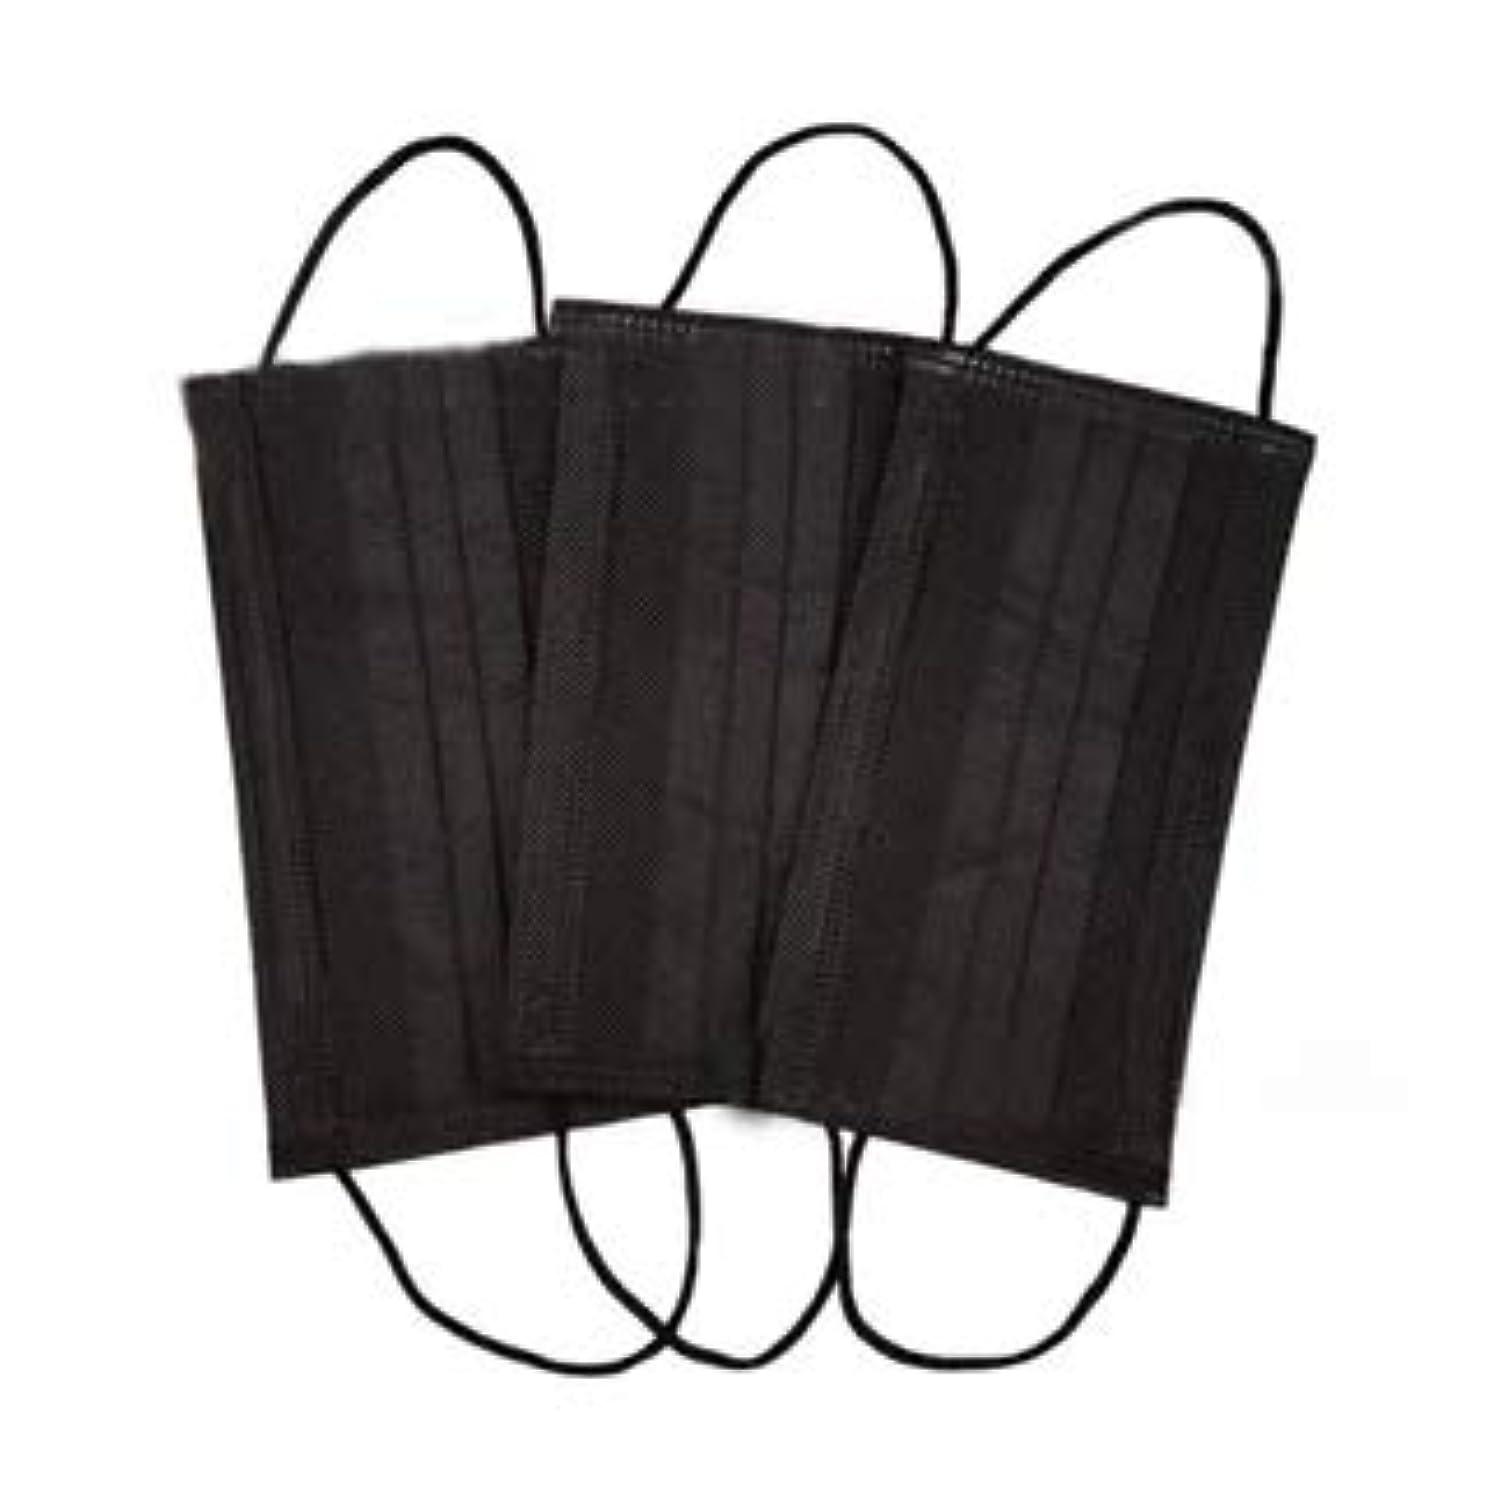 弱い生命体旅使い捨てマスク ブラック 6枚入り 不織布 フェイスマスク mask 黒